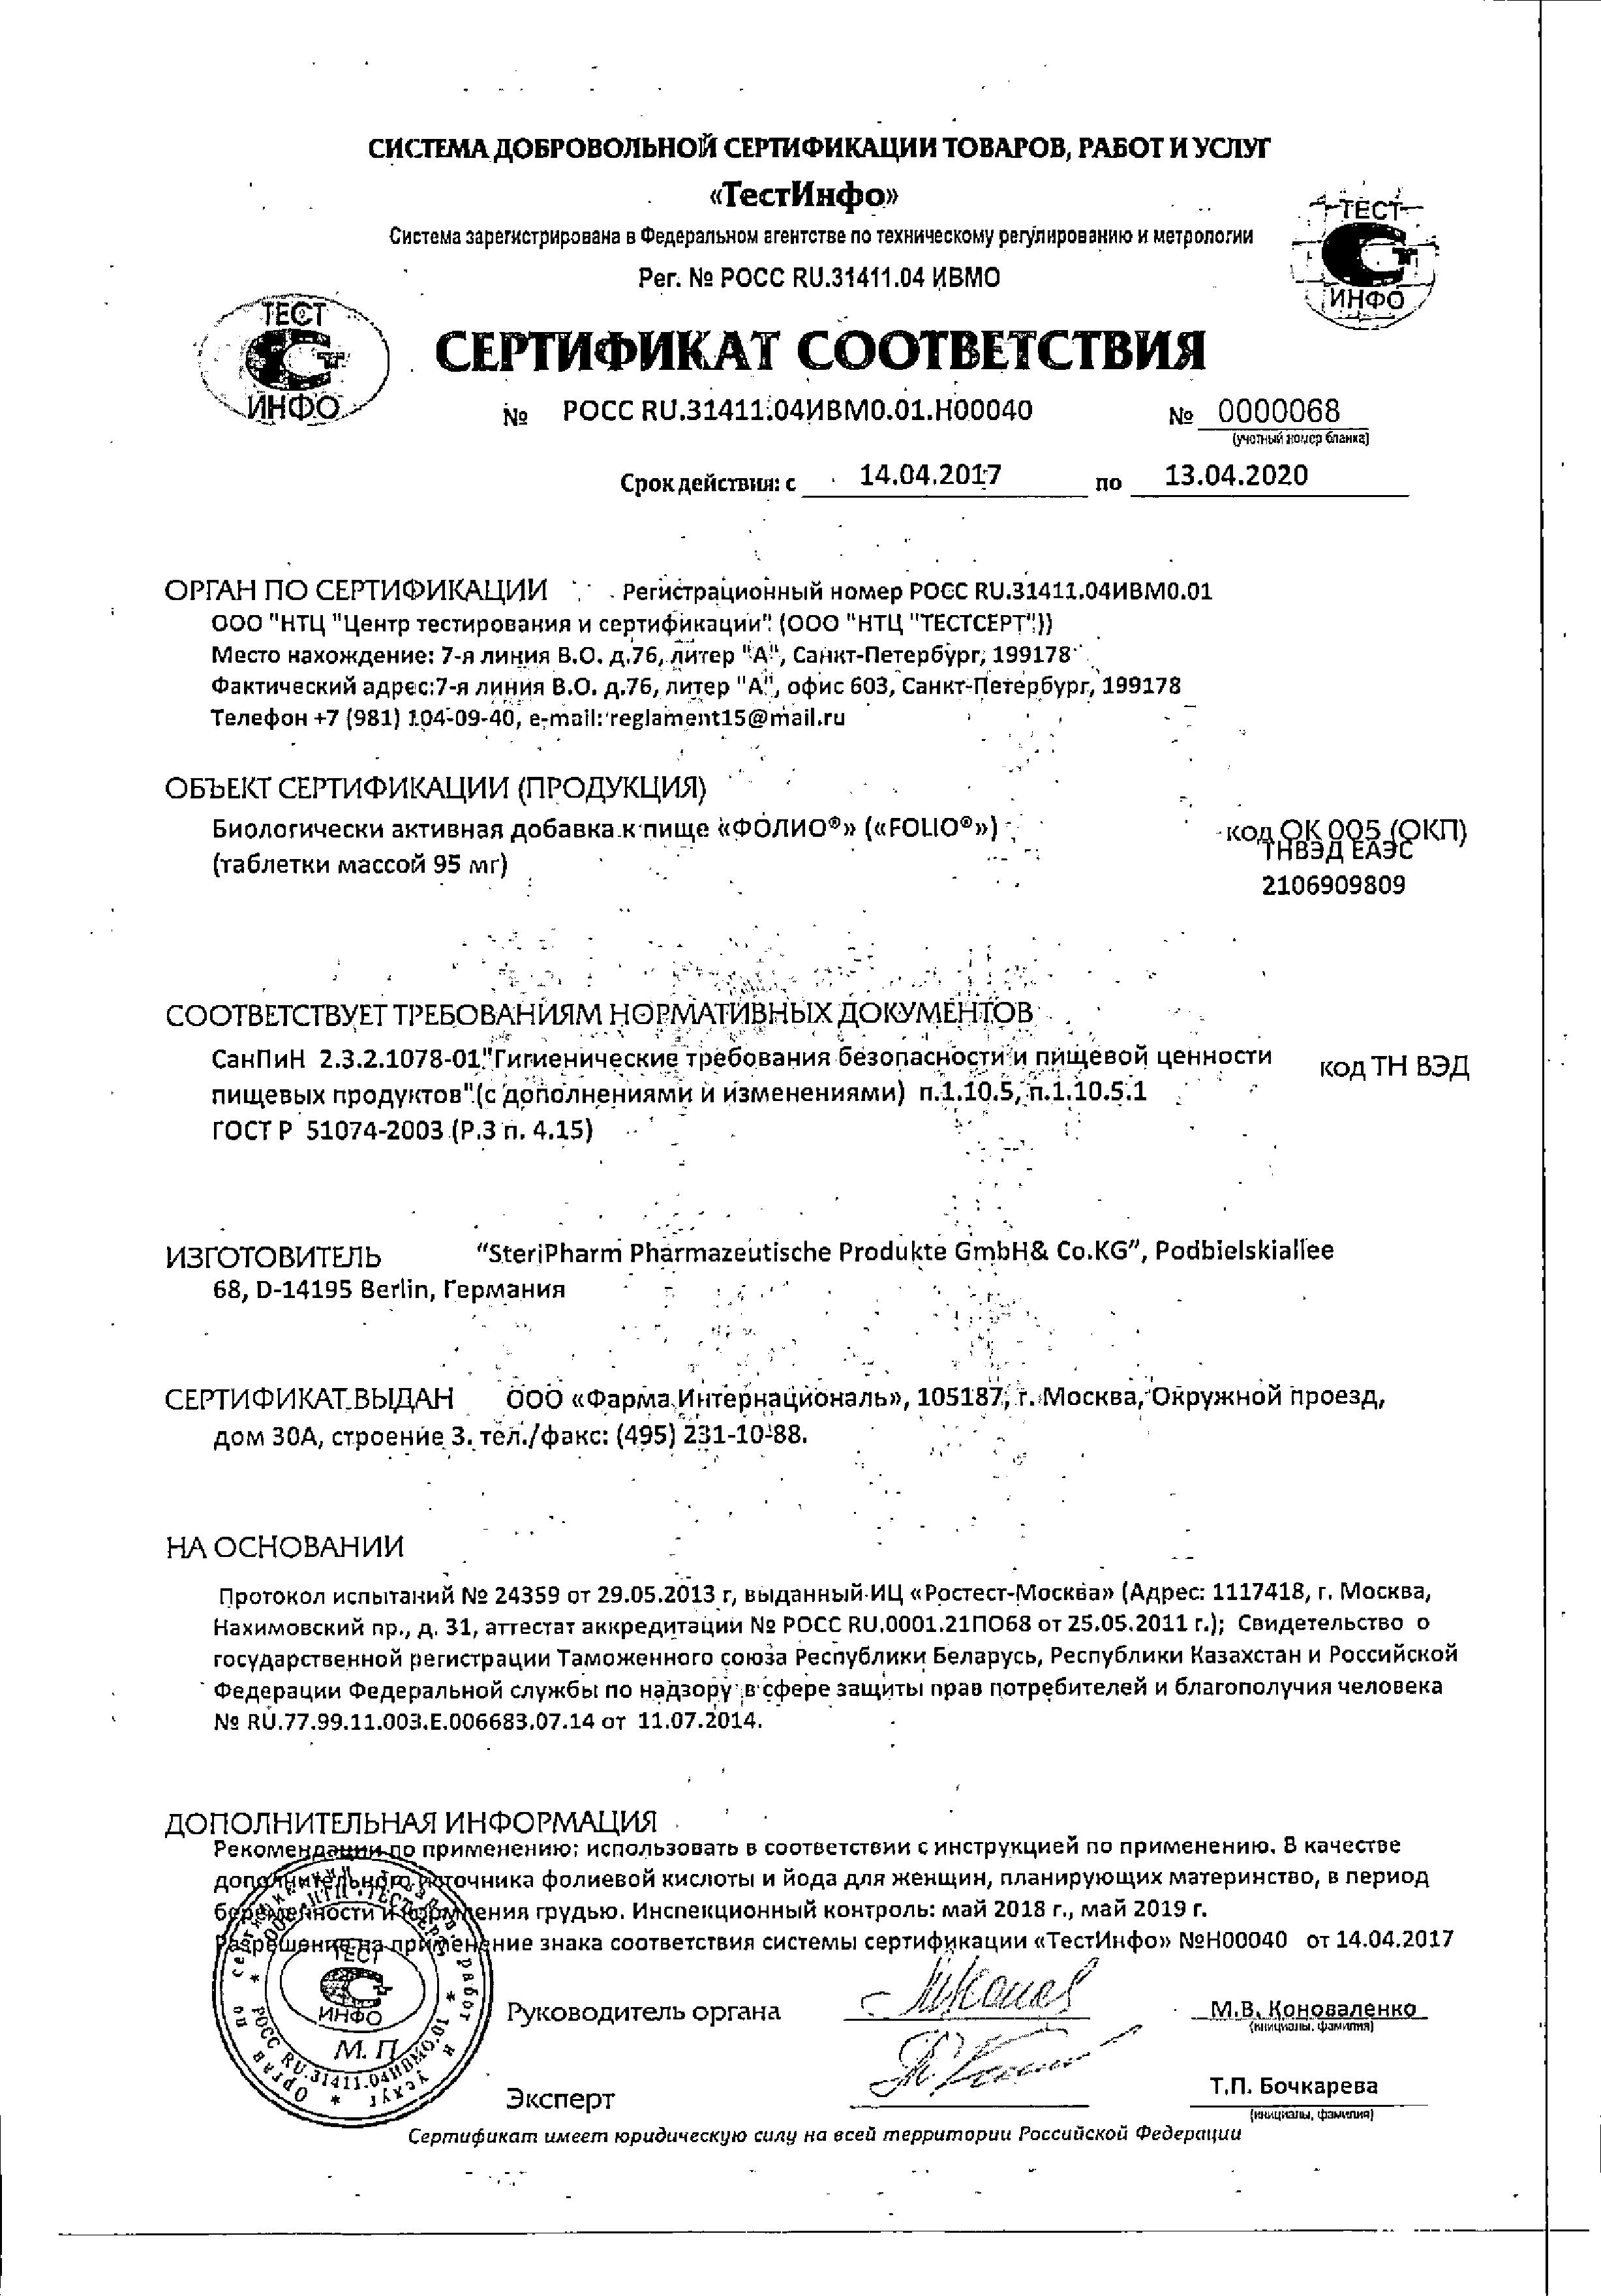 Фолио сертификат